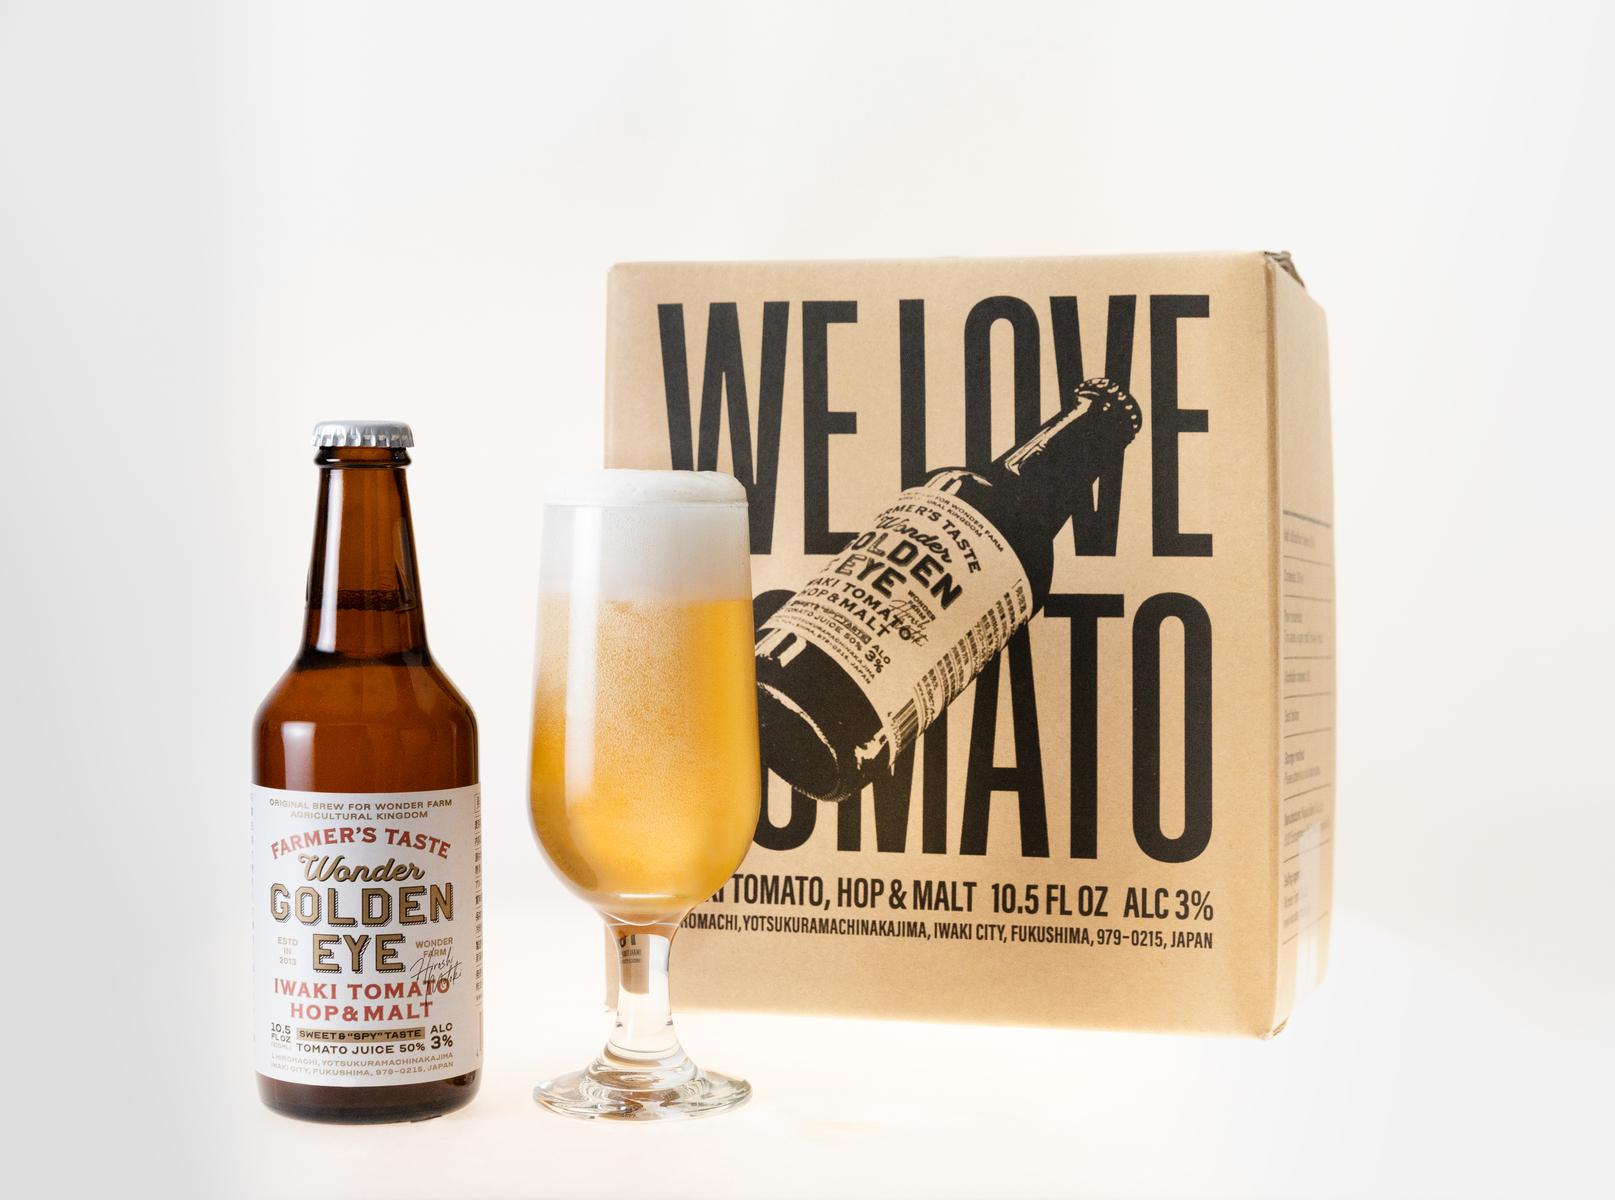 大規模セール トマト農家がつくった黄金色のレッドアイ WONDER GOLDEN EYE 6本入 トマト いわき 開店祝い 敬老の日 ワンダーファーム レッドアイ 発泡酒 ビール